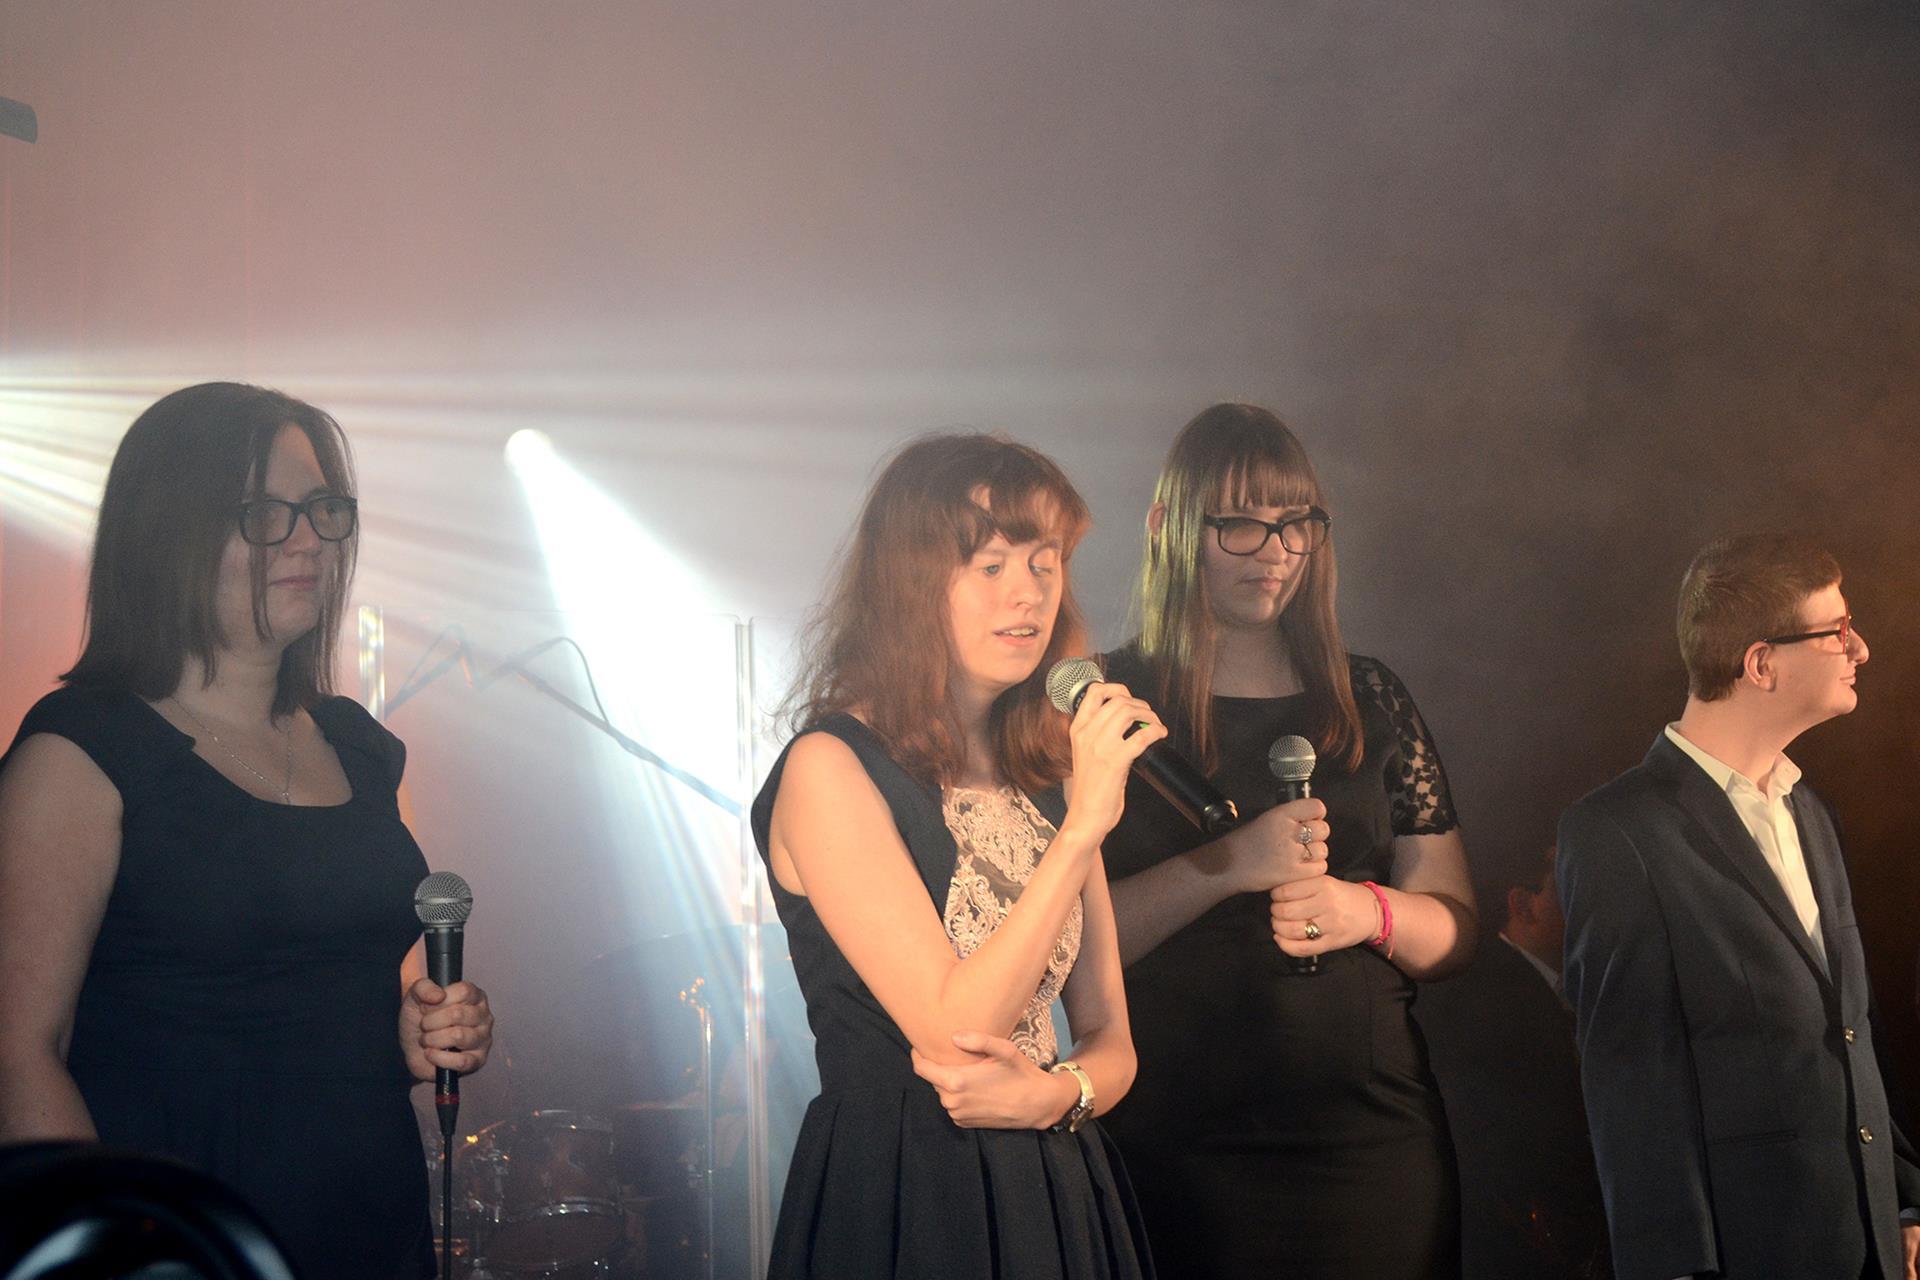 Cztery osoby stoją. 3 kobiety, 1 mężczyzna. Kobieta stojąca w środku śpiewa.